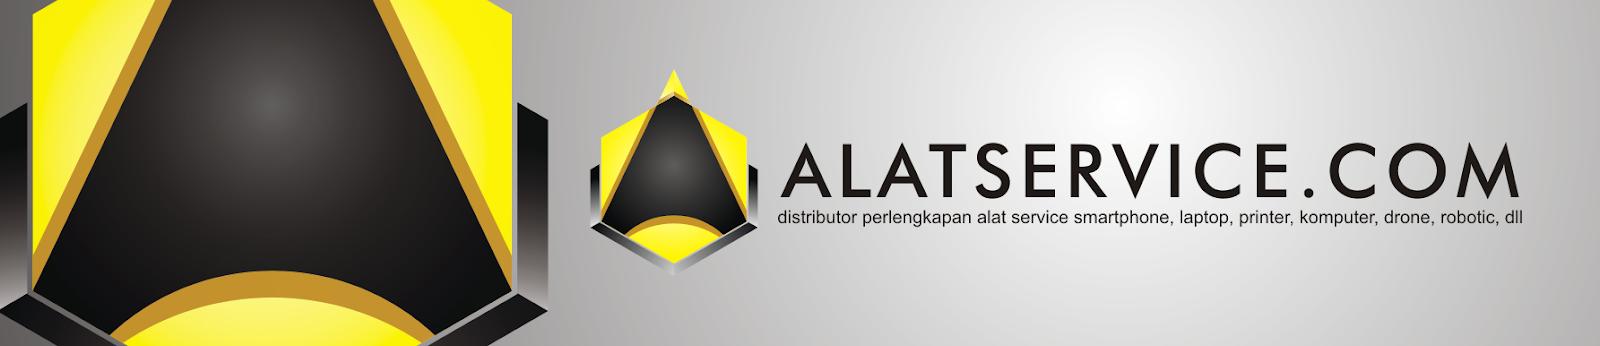 alatservice.com